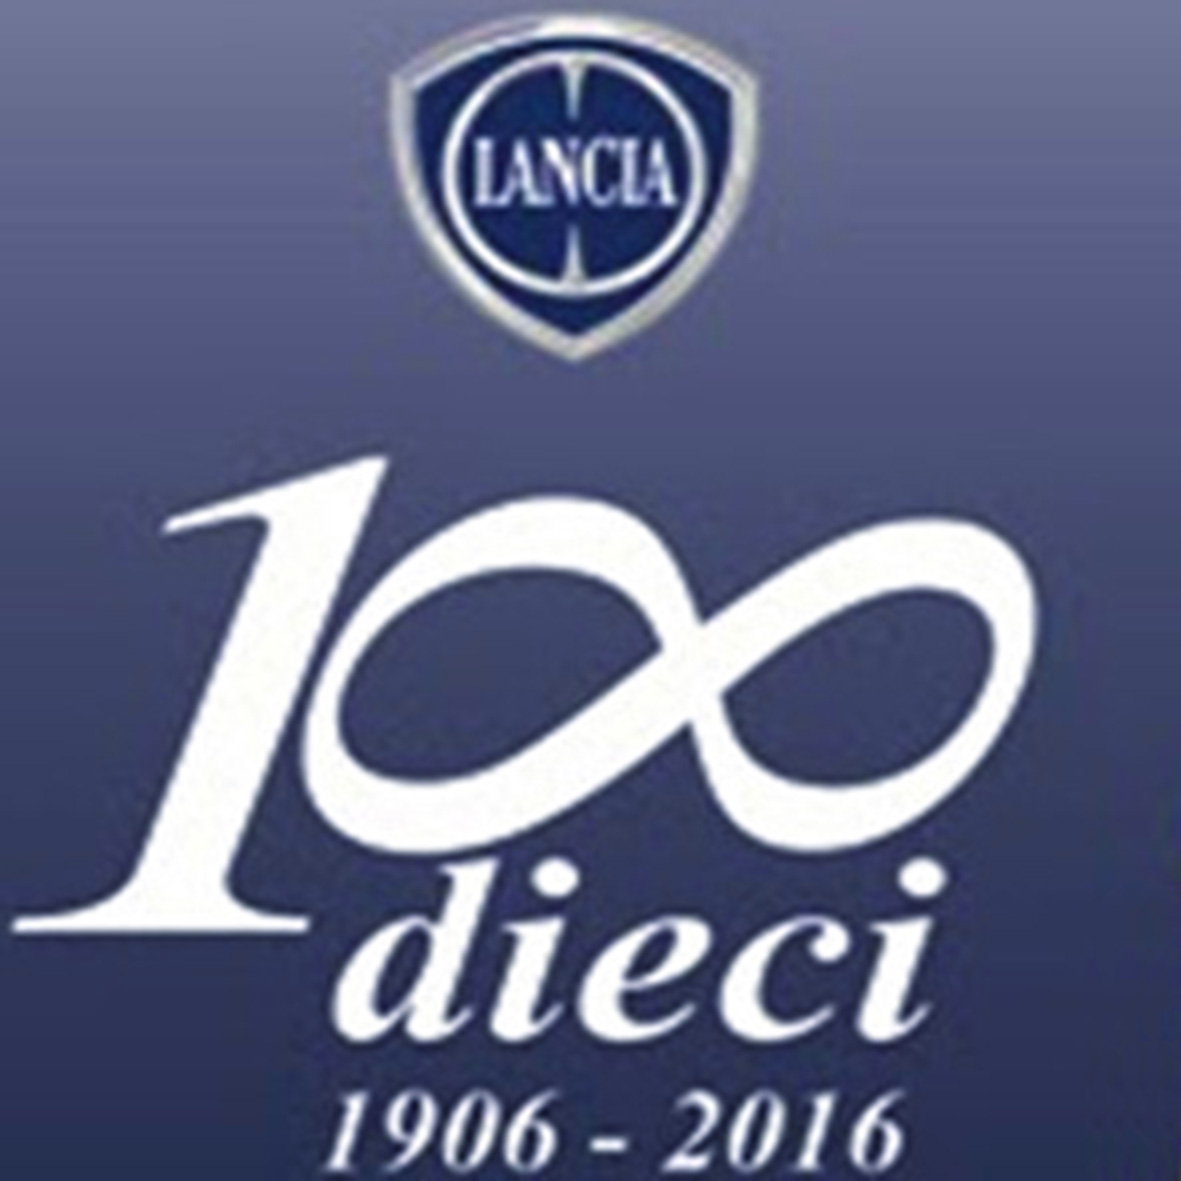 'Lancia 110' 1906-2016 © LanciaClub-FCA